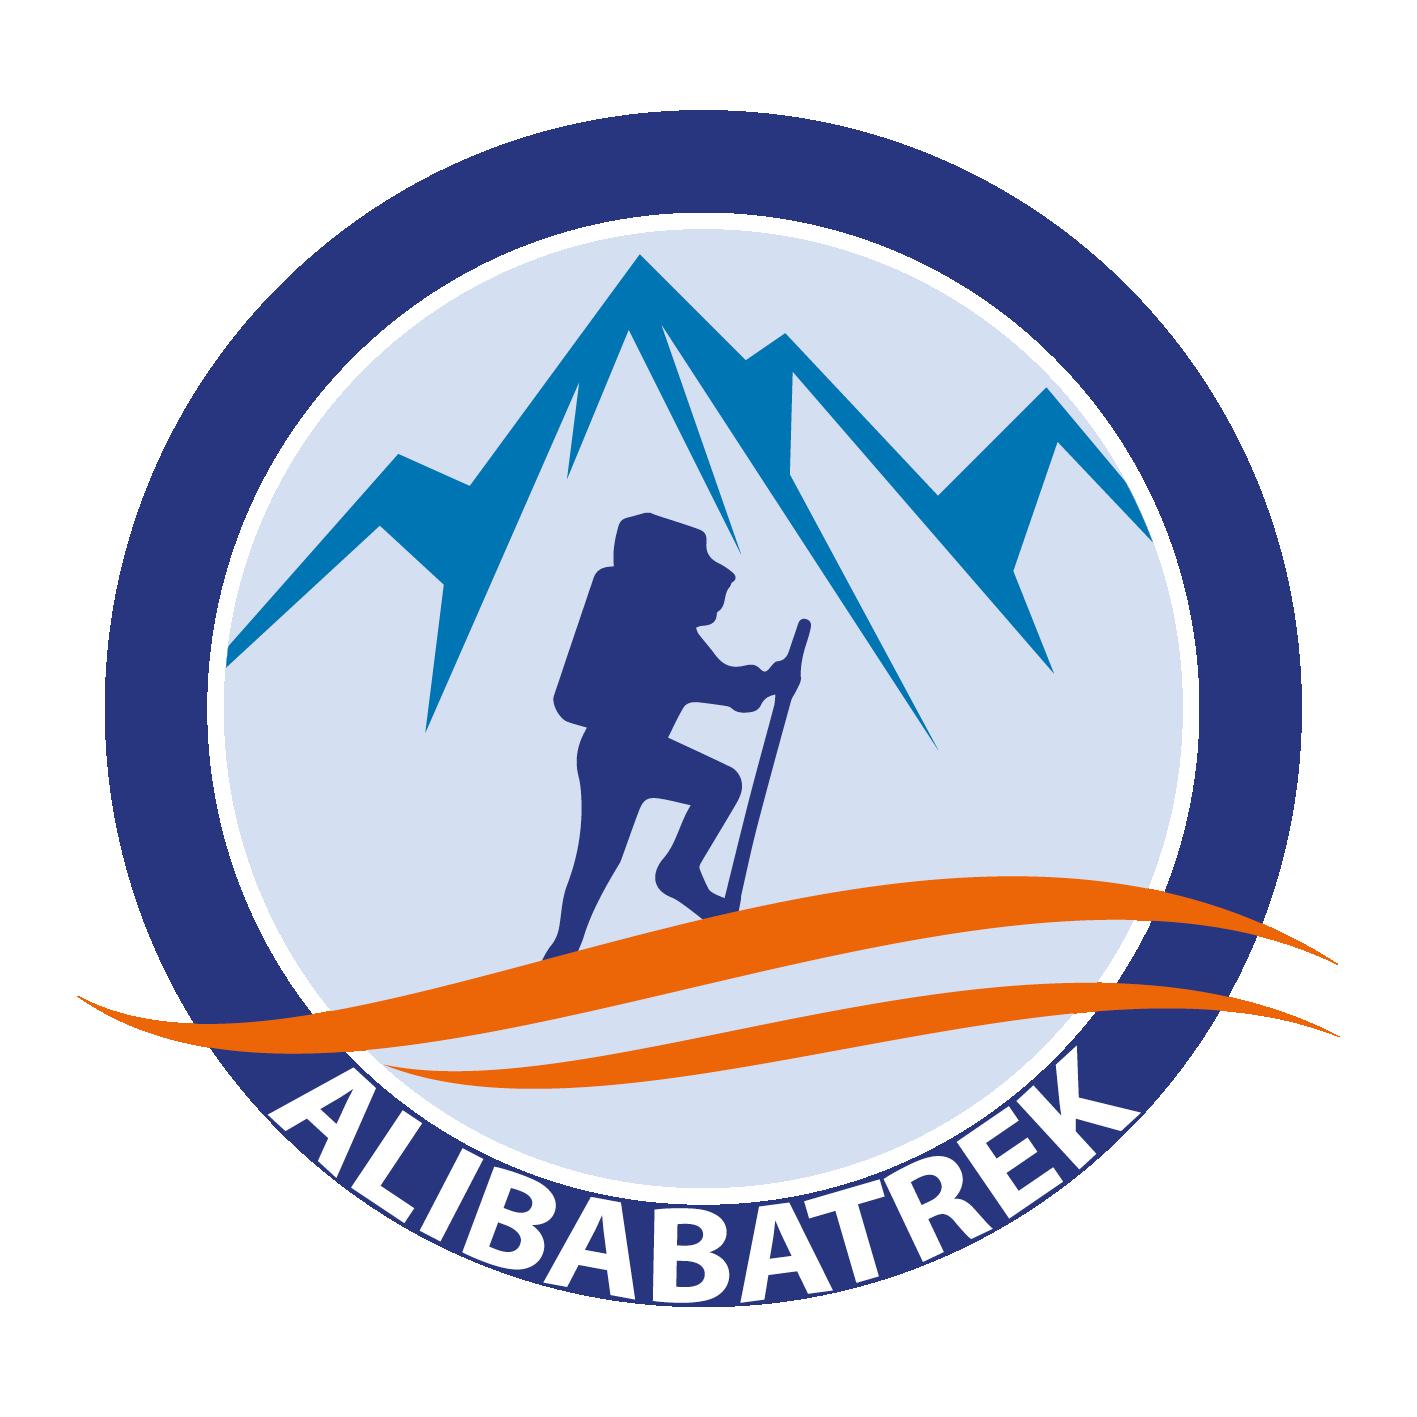 Alibabatrek Iran travel Iran tour visit iran tours Alibabatrek travel agency and tour operator